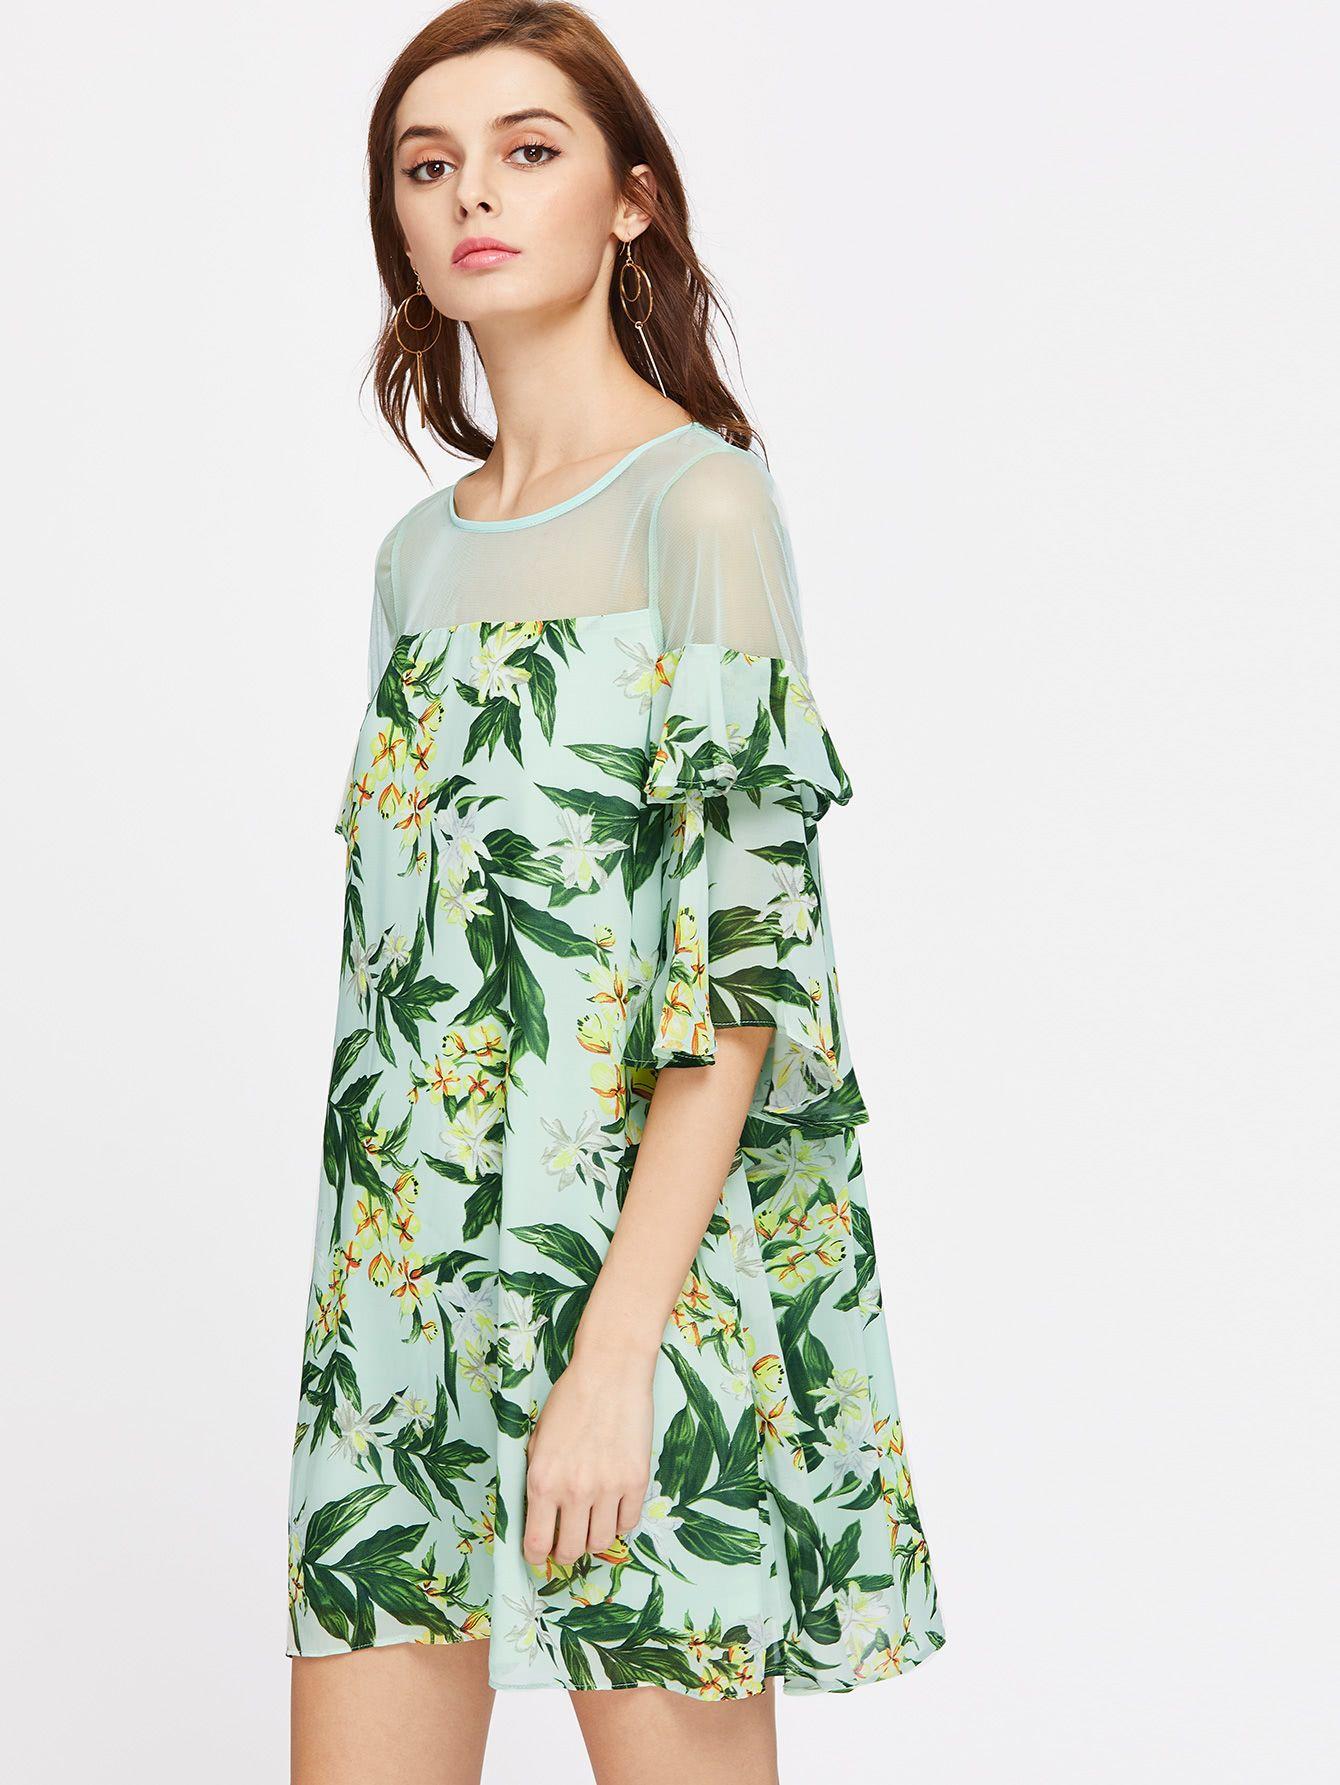 8a243d729e3e Palm Leaf Print Sheer Shoulder Ruffle Sleeve Dress